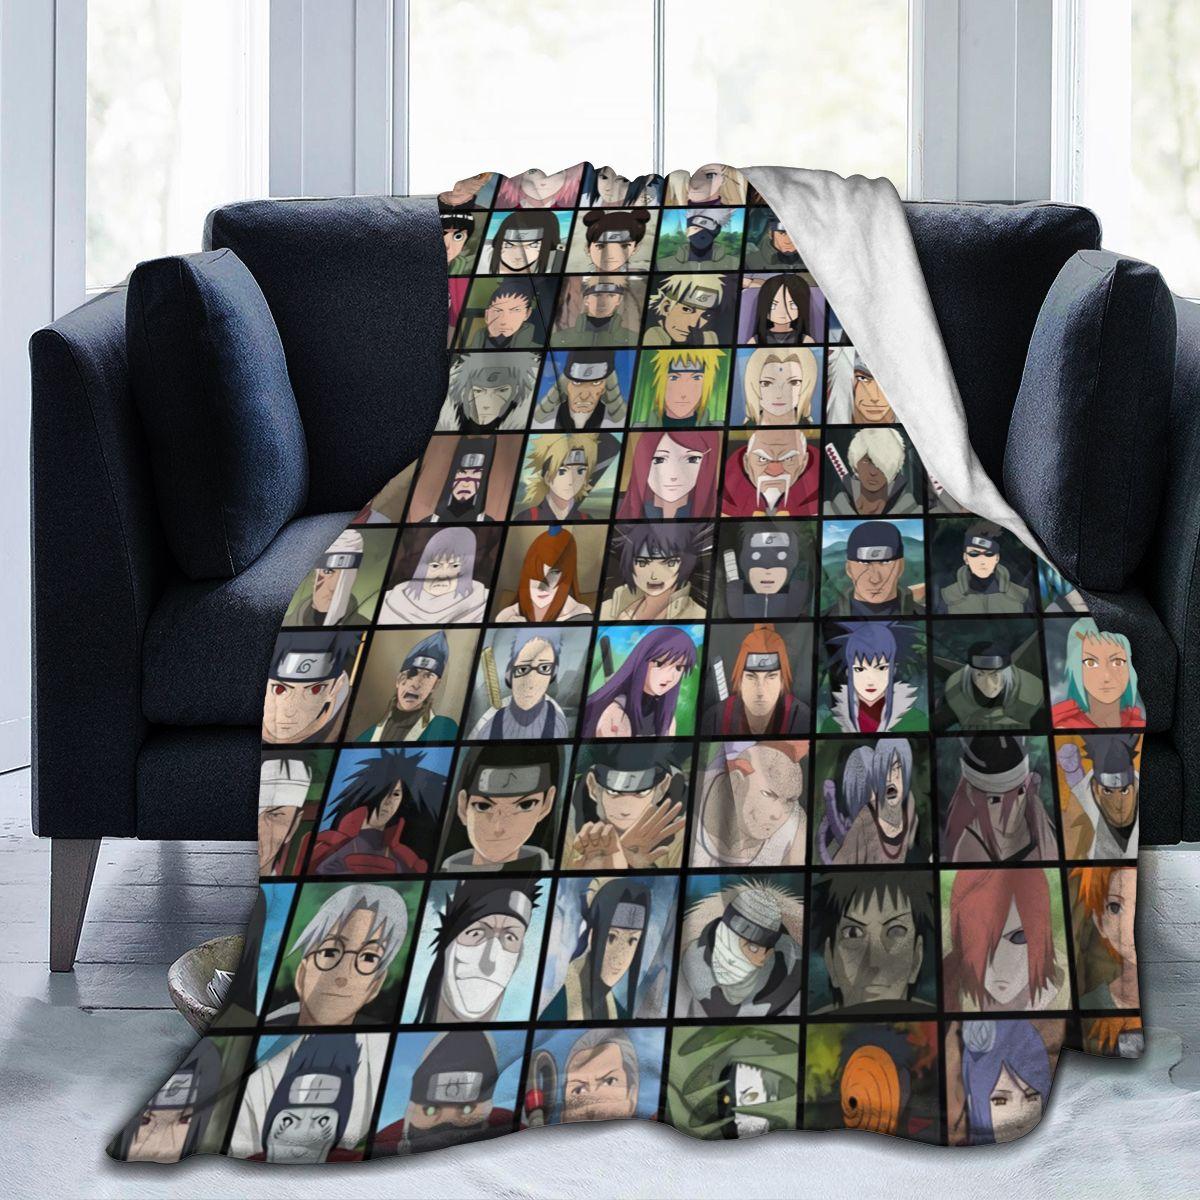 الترا لينة أريكة غطاء بطانية بطانية الفراش الكرتون الكرتون الفانيلا plied أريكة ديكور غرفة نوم للأطفال والكبار 41